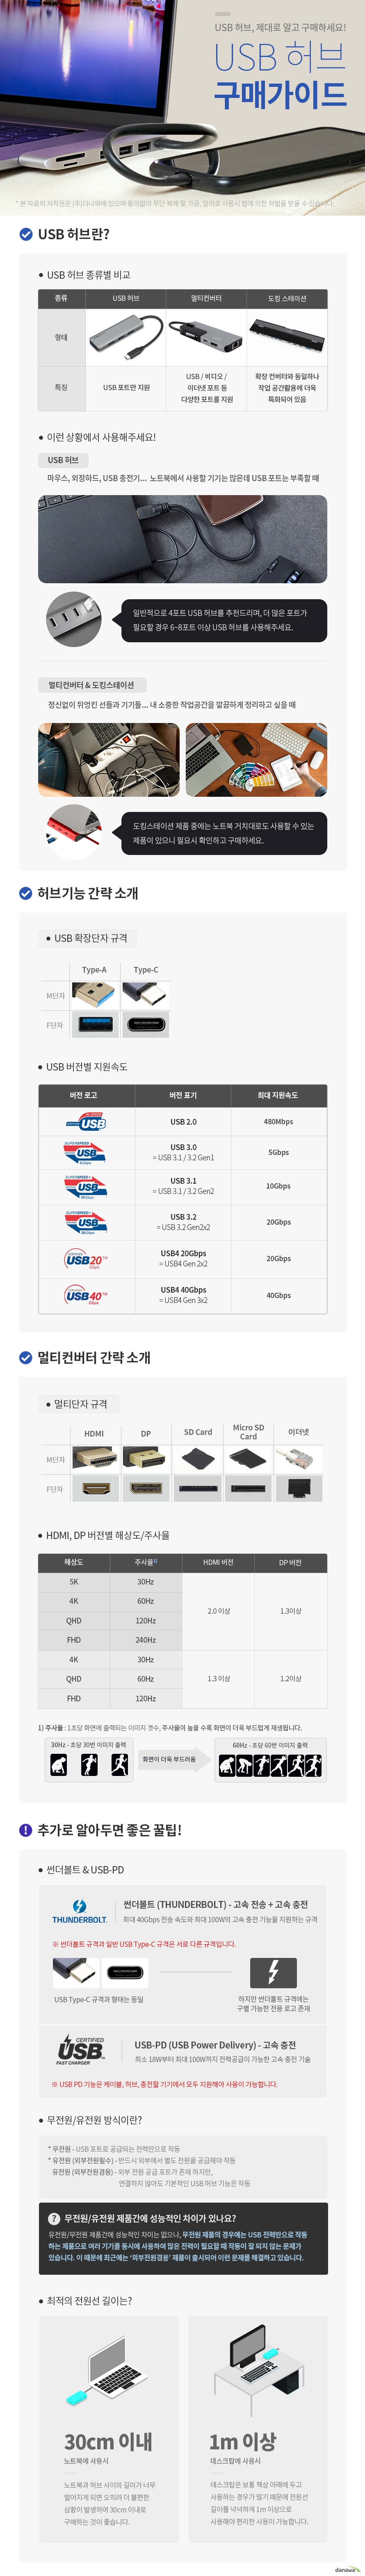 라인업시스템 LANSTAR LS-USB207PN (7포트/USB 2.0)